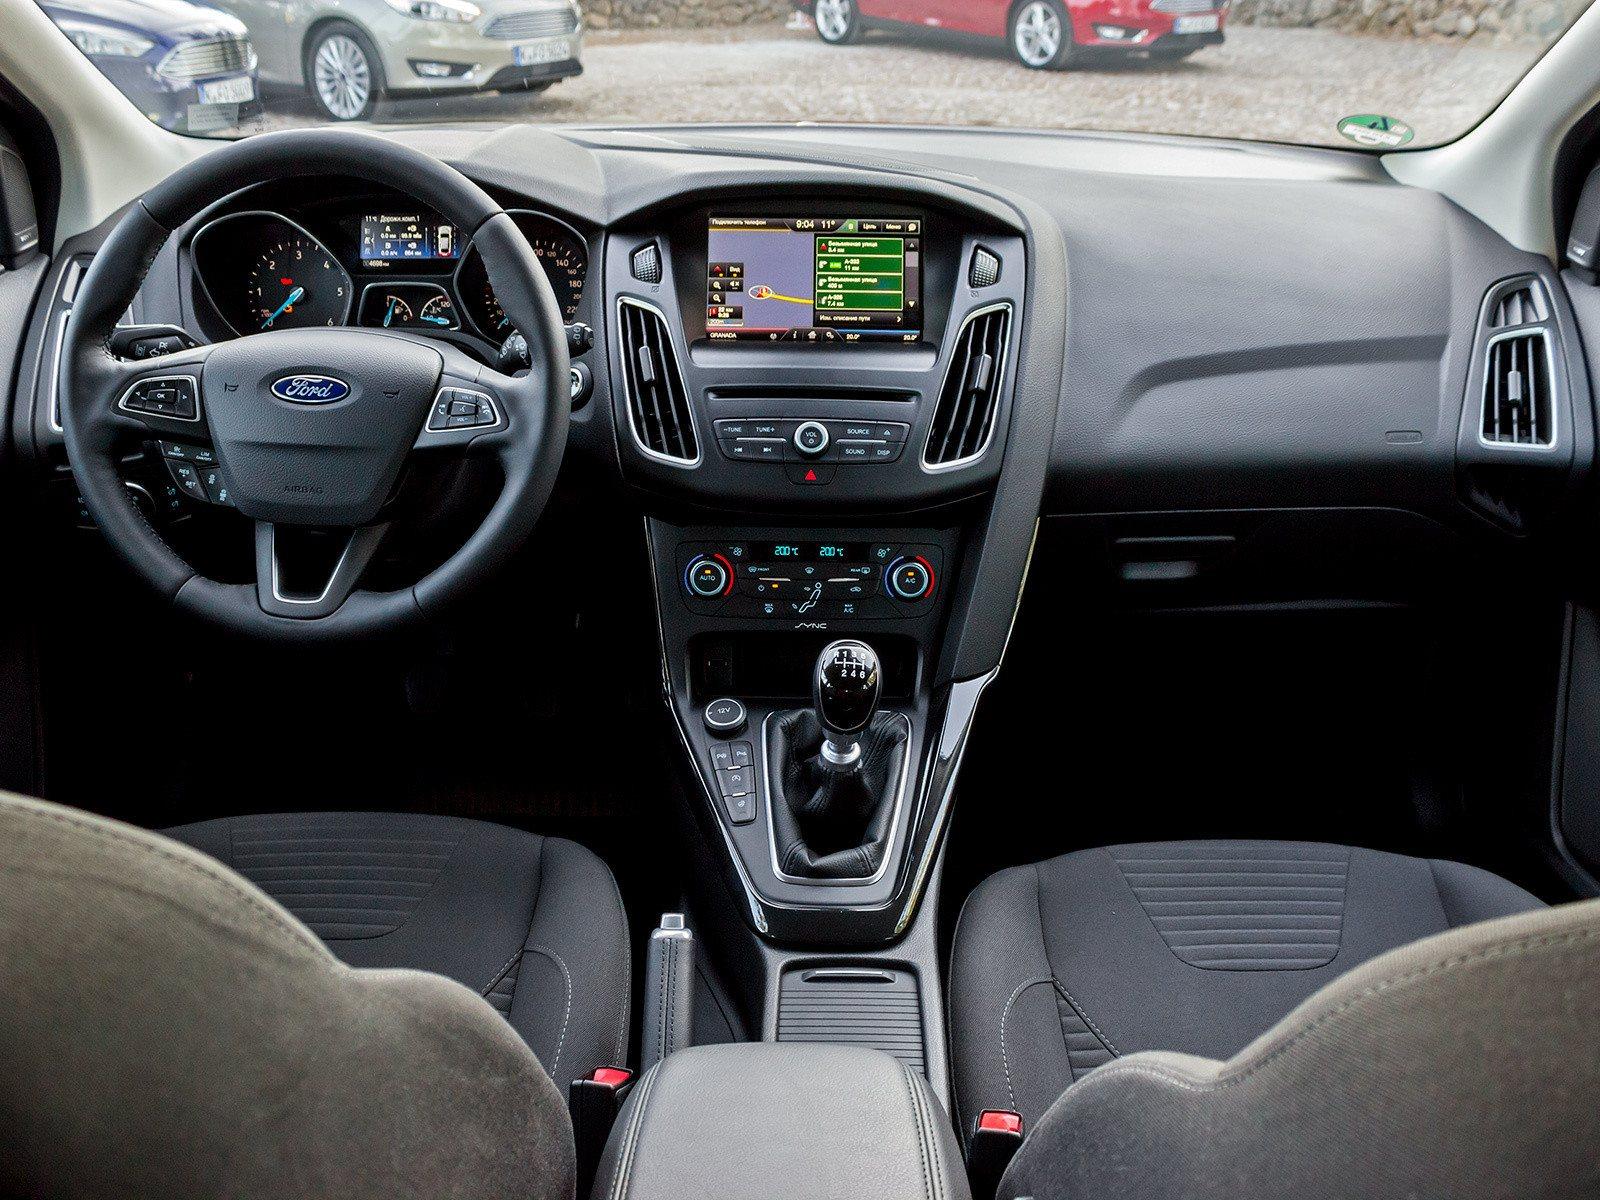 Ford Focus 3 2016 отзывы - autoback.ru